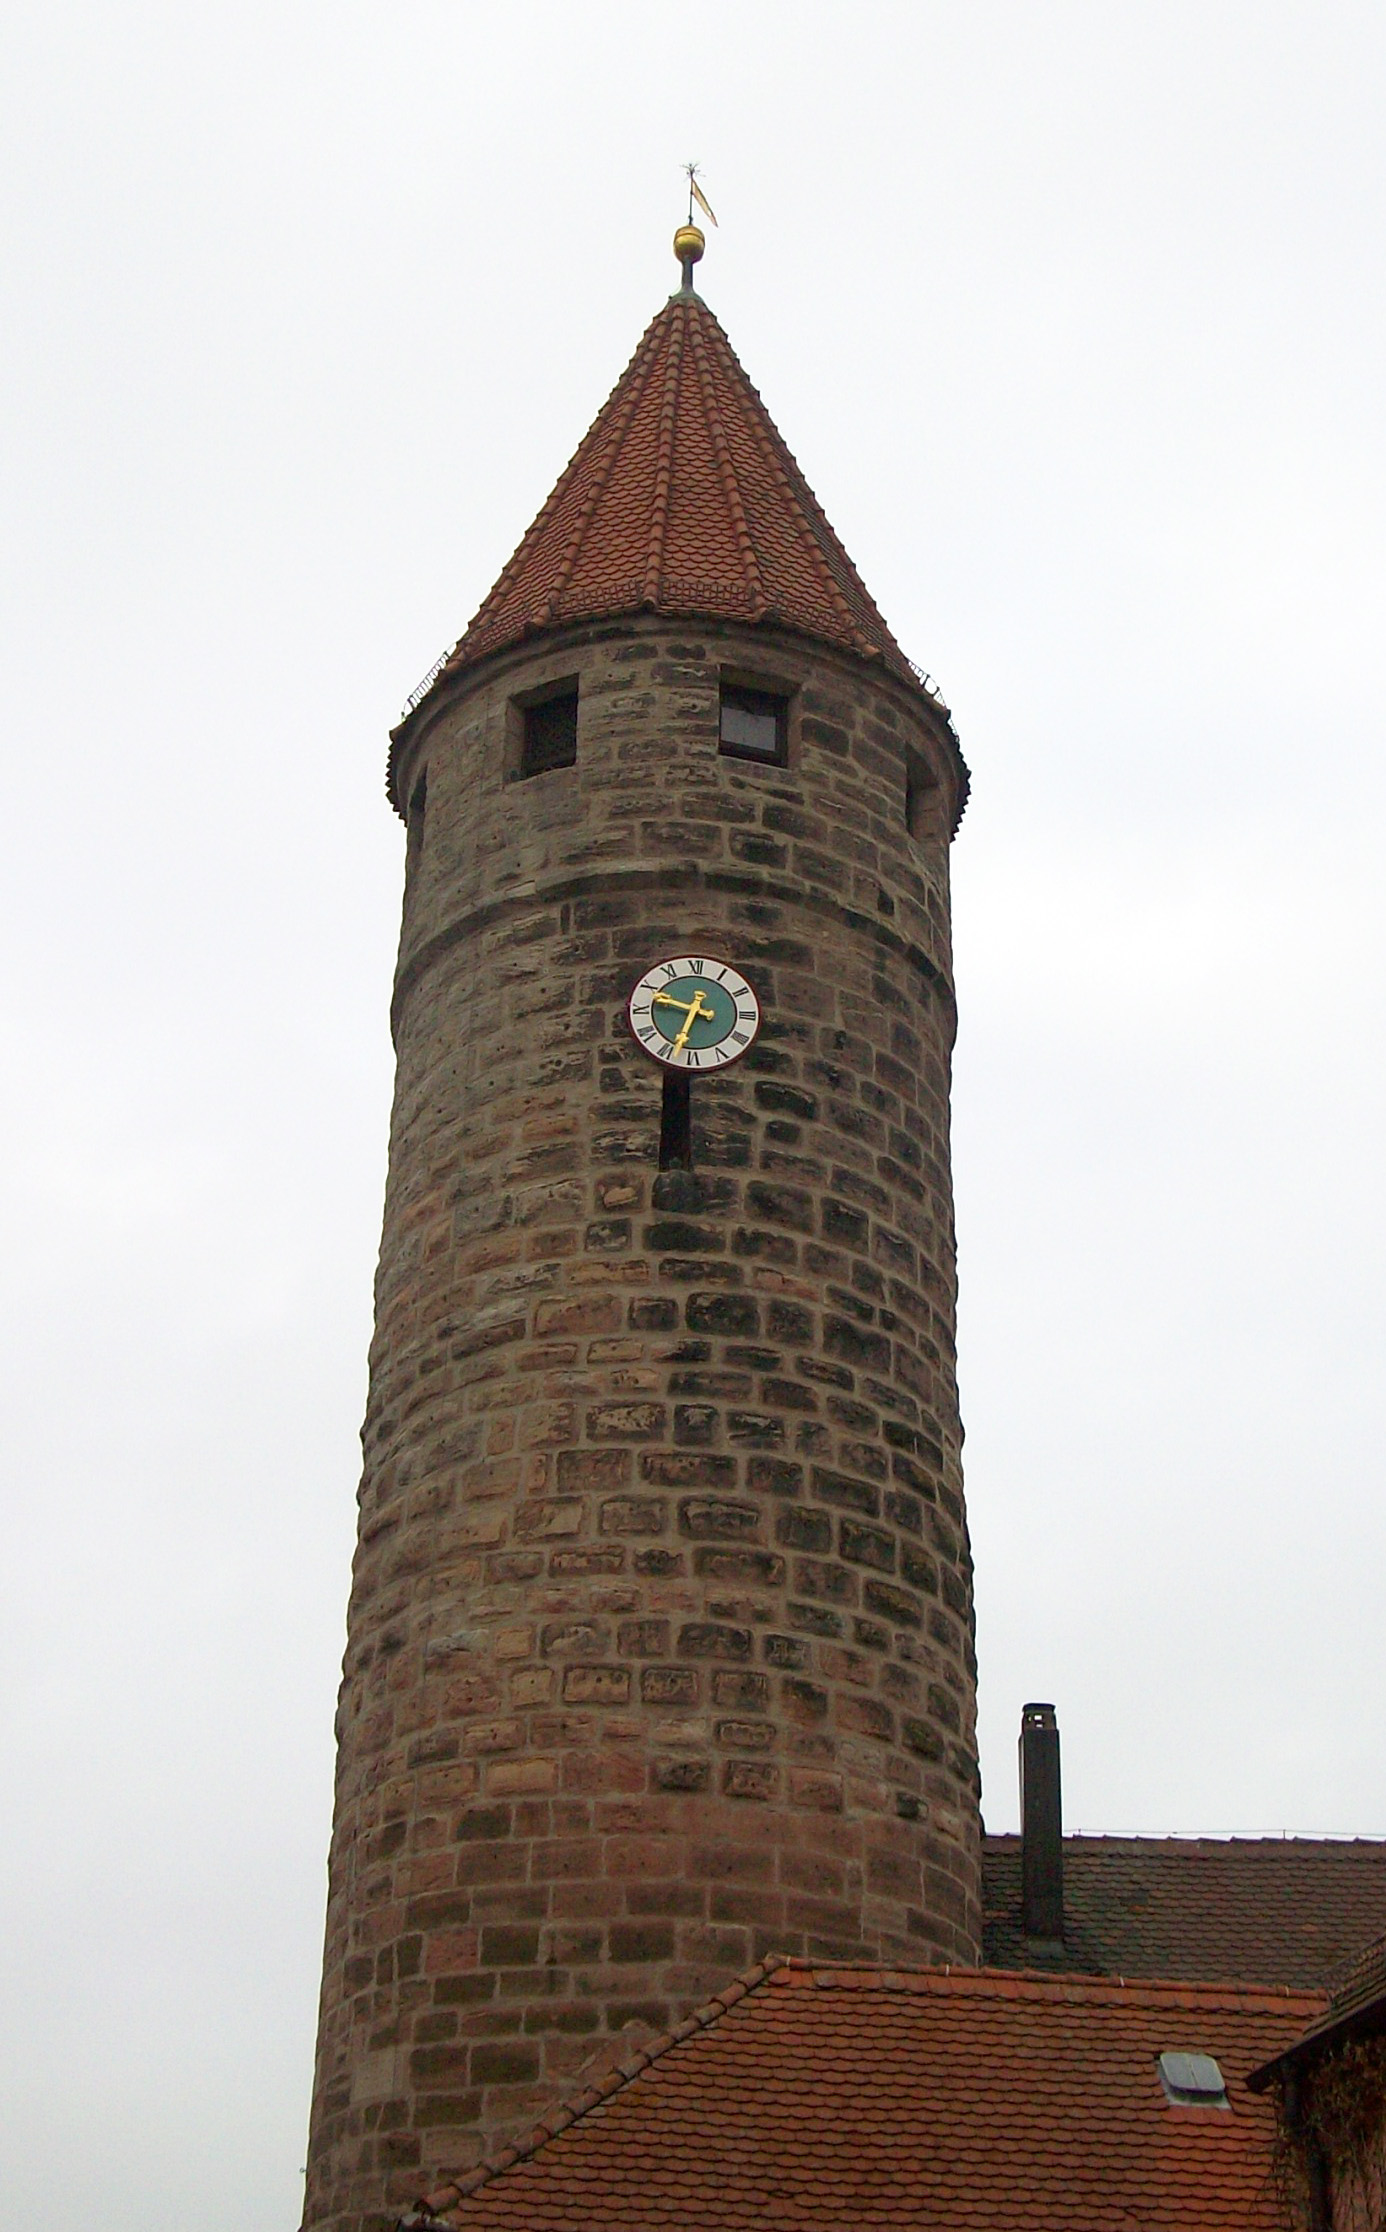 Färberturm Gunzenhausen